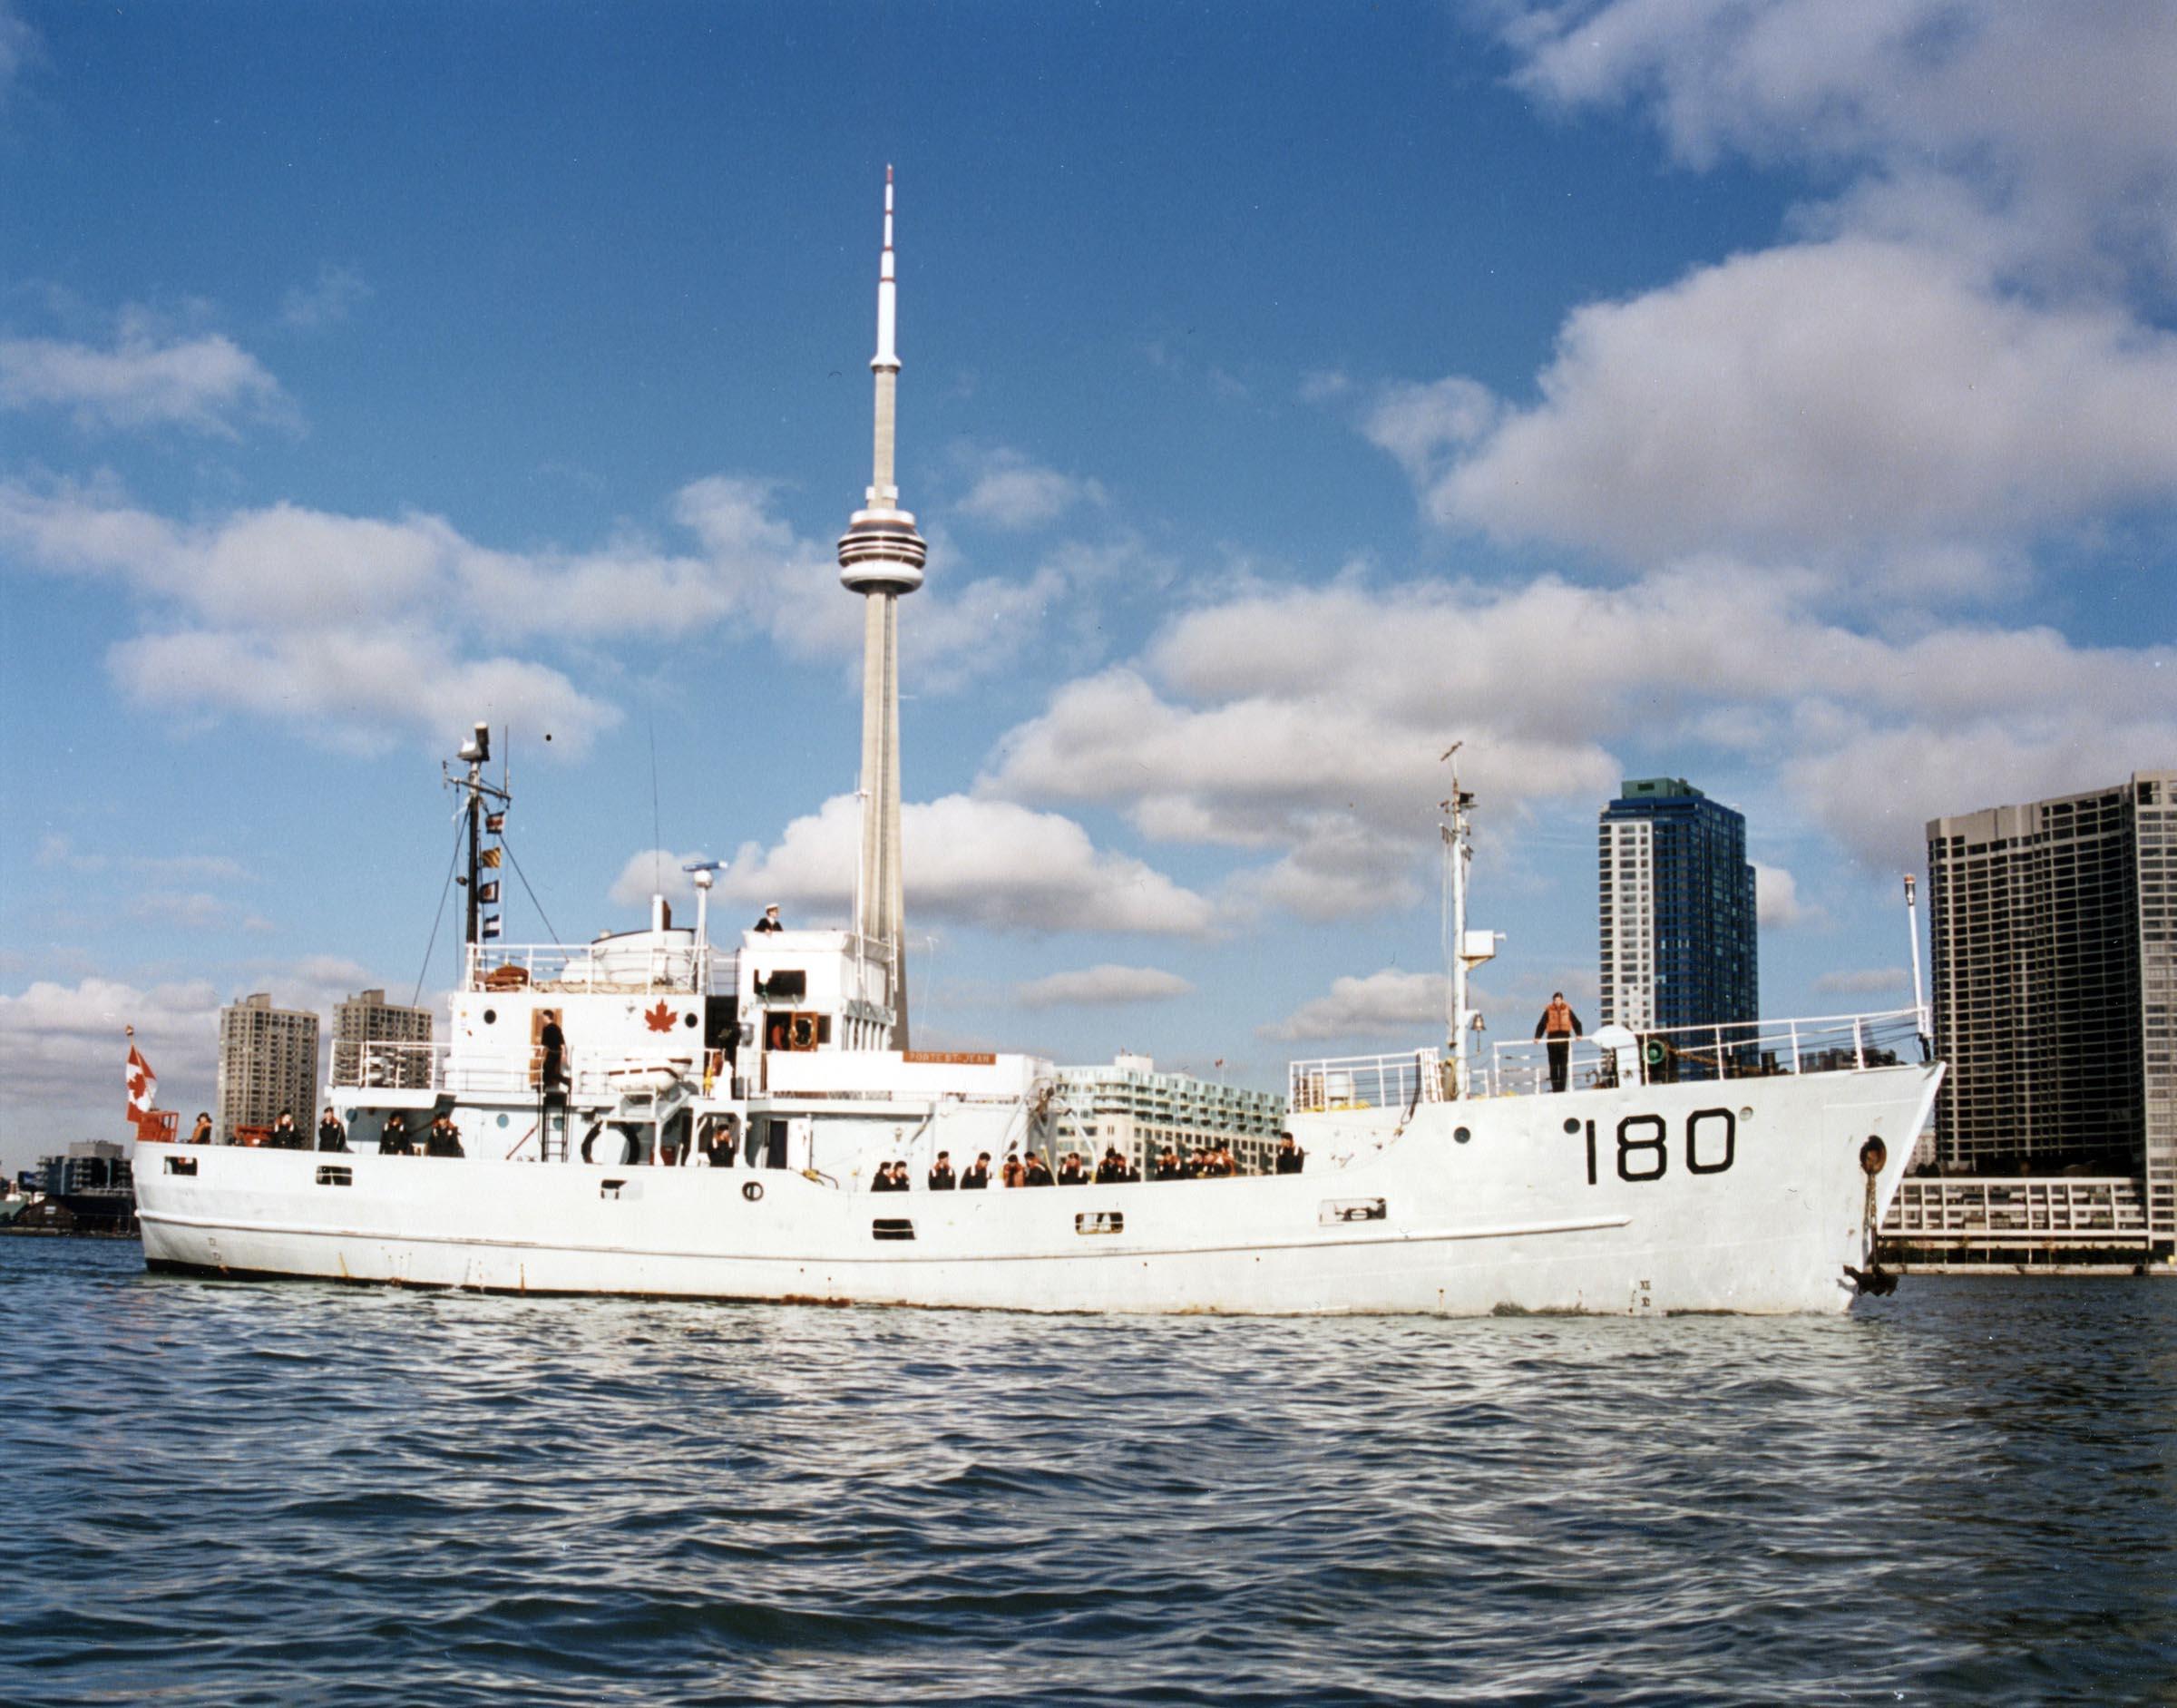 HMCS PORTE ST. JEAN